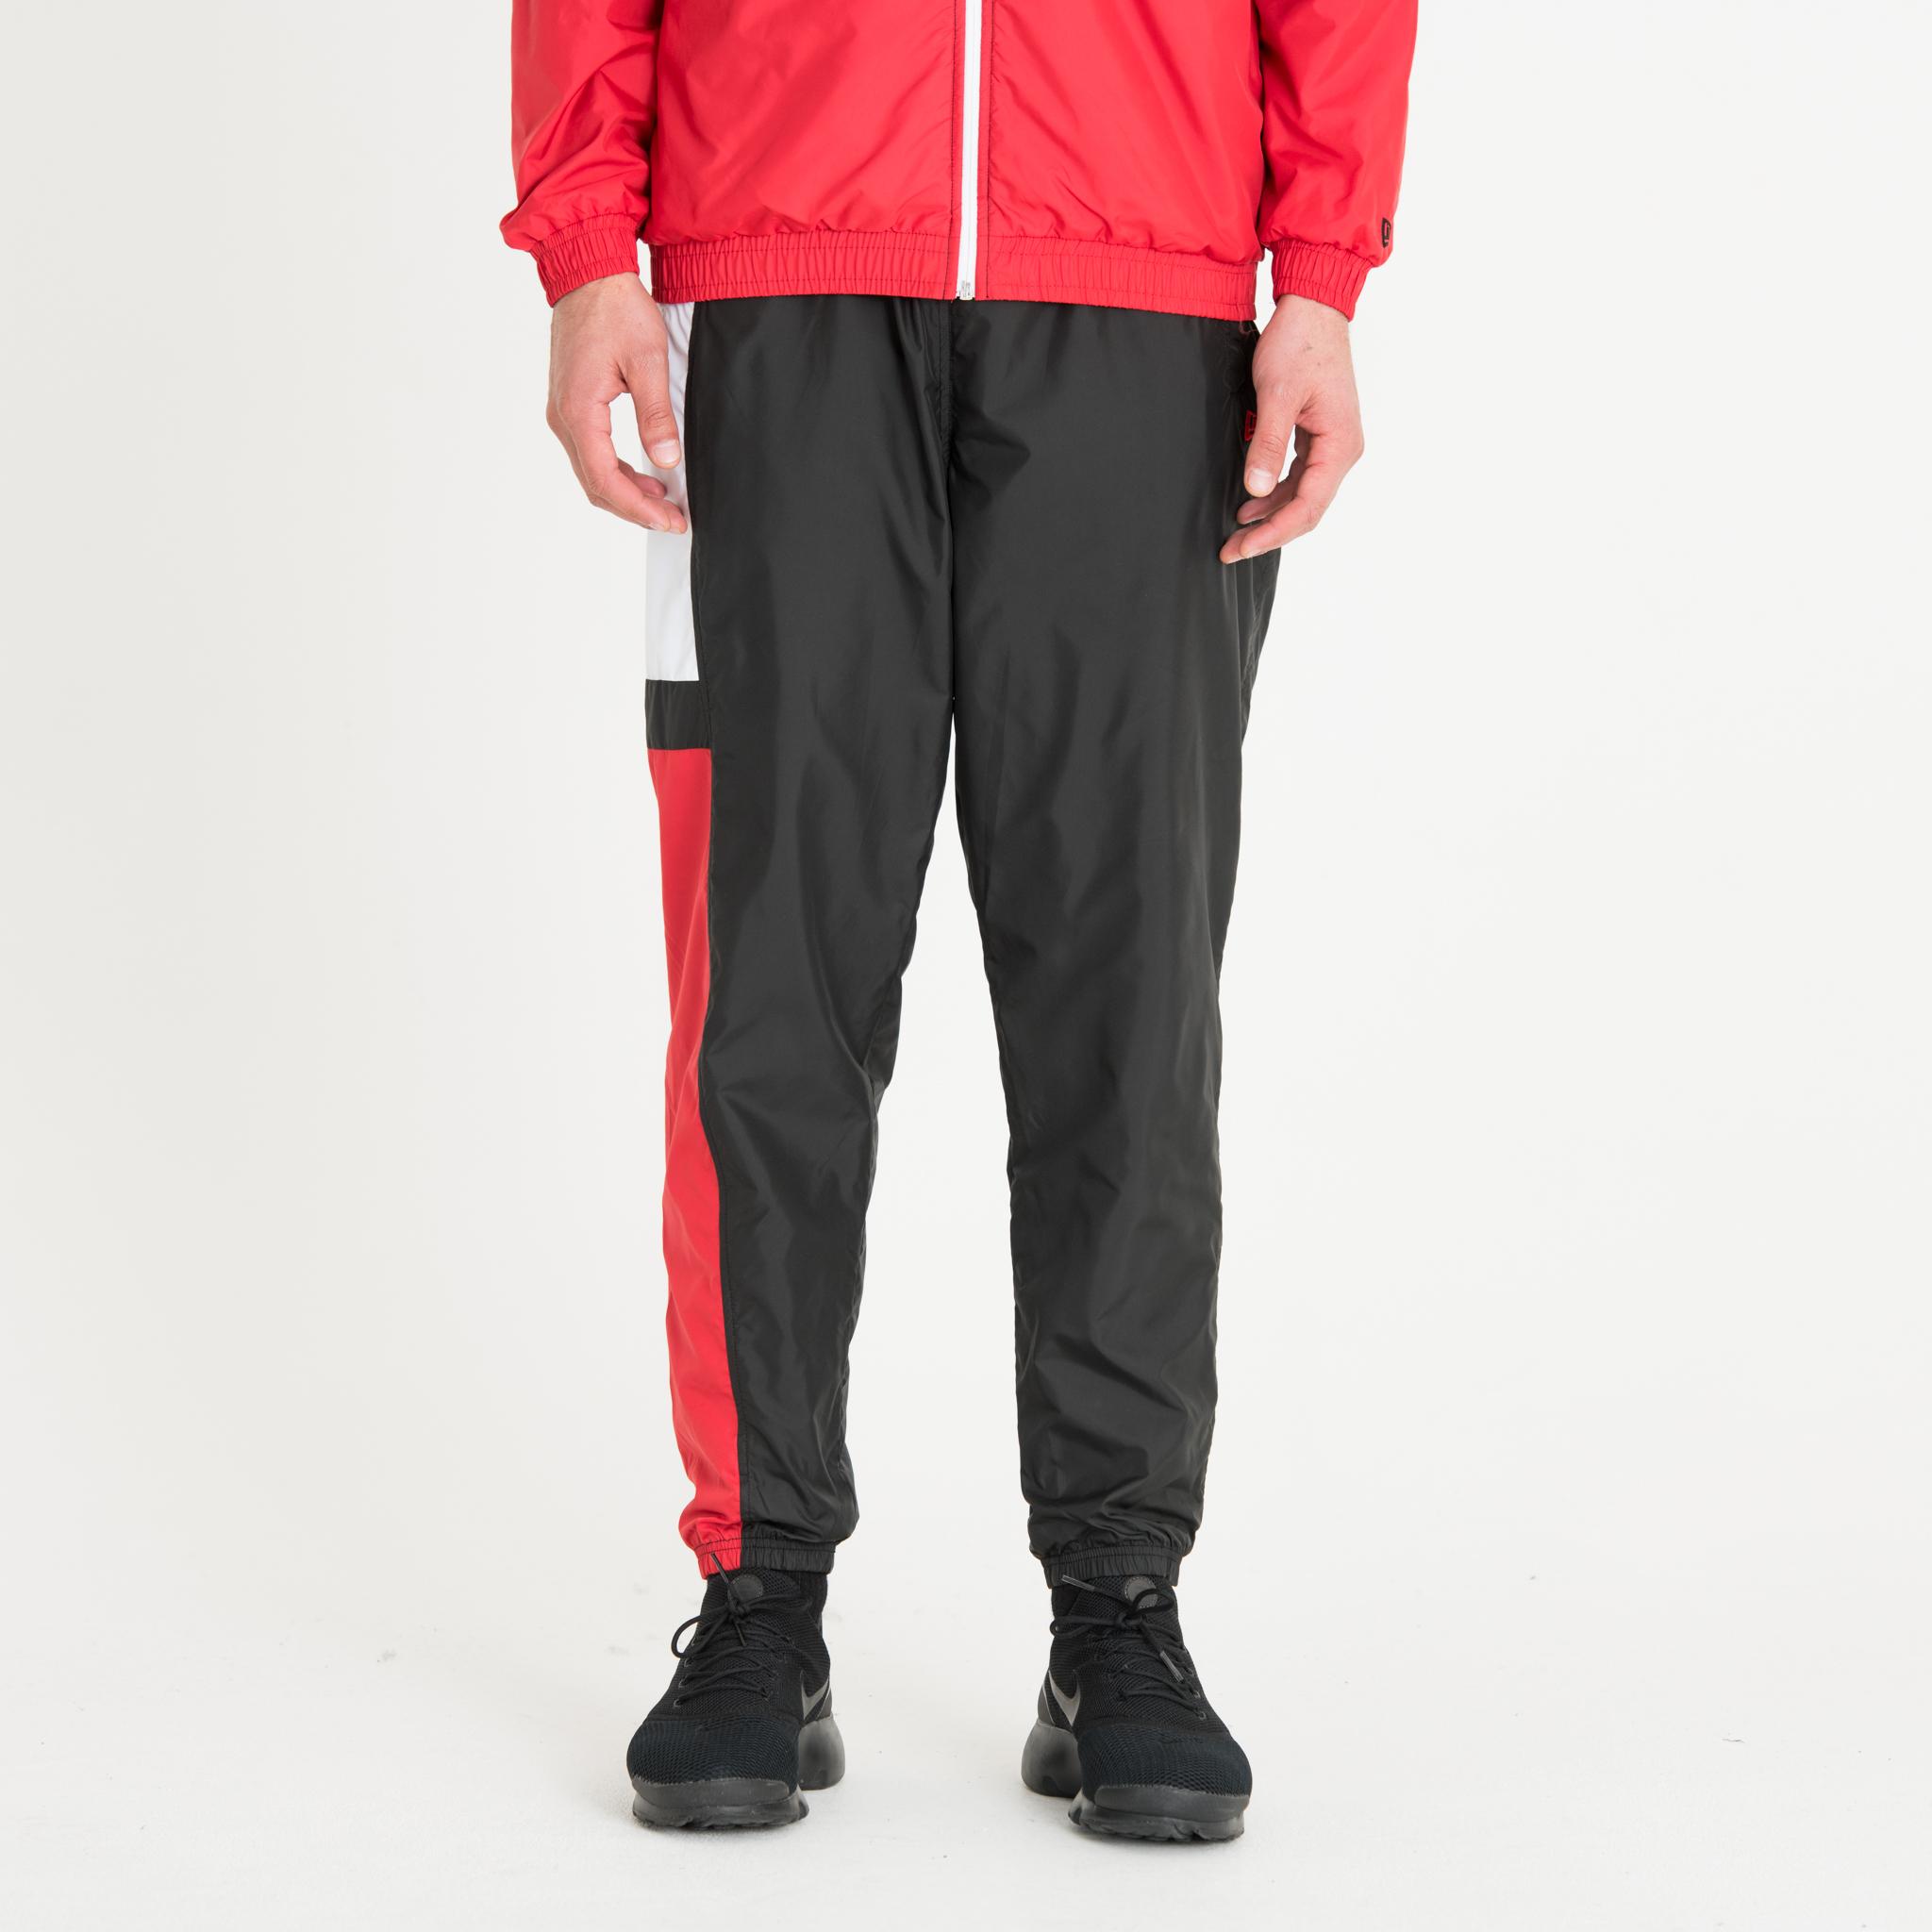 Trainingshose in Blockfarben Schwarz, Weiß, Rot von NEW ERA